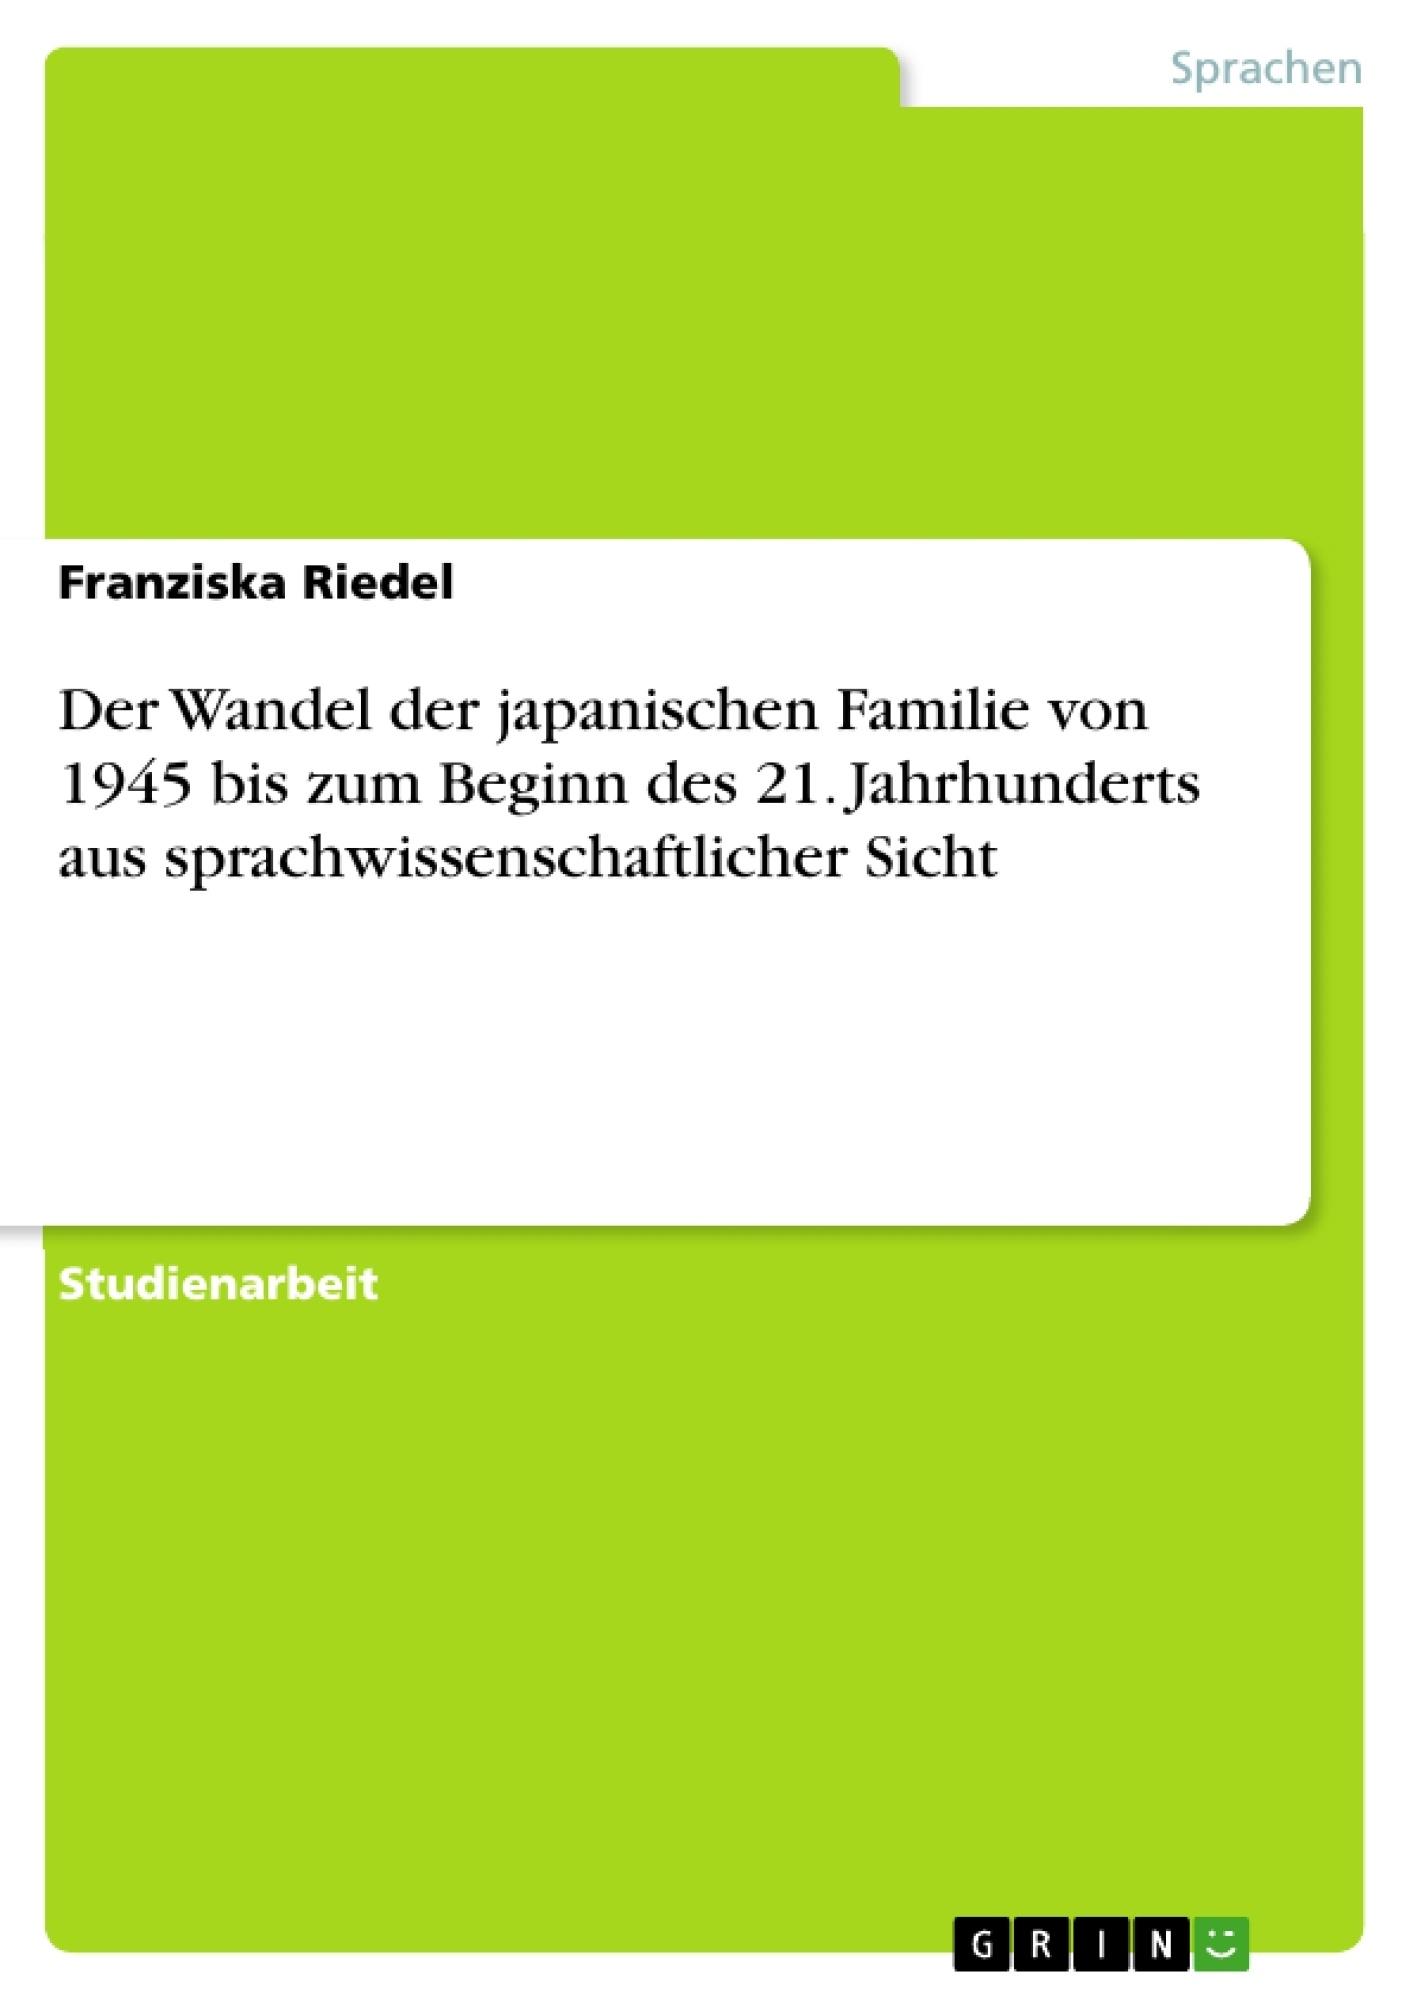 Titel: Der Wandel der japanischen Familie von 1945 bis zum Beginn des 21. Jahrhunderts aus sprachwissenschaftlicher Sicht